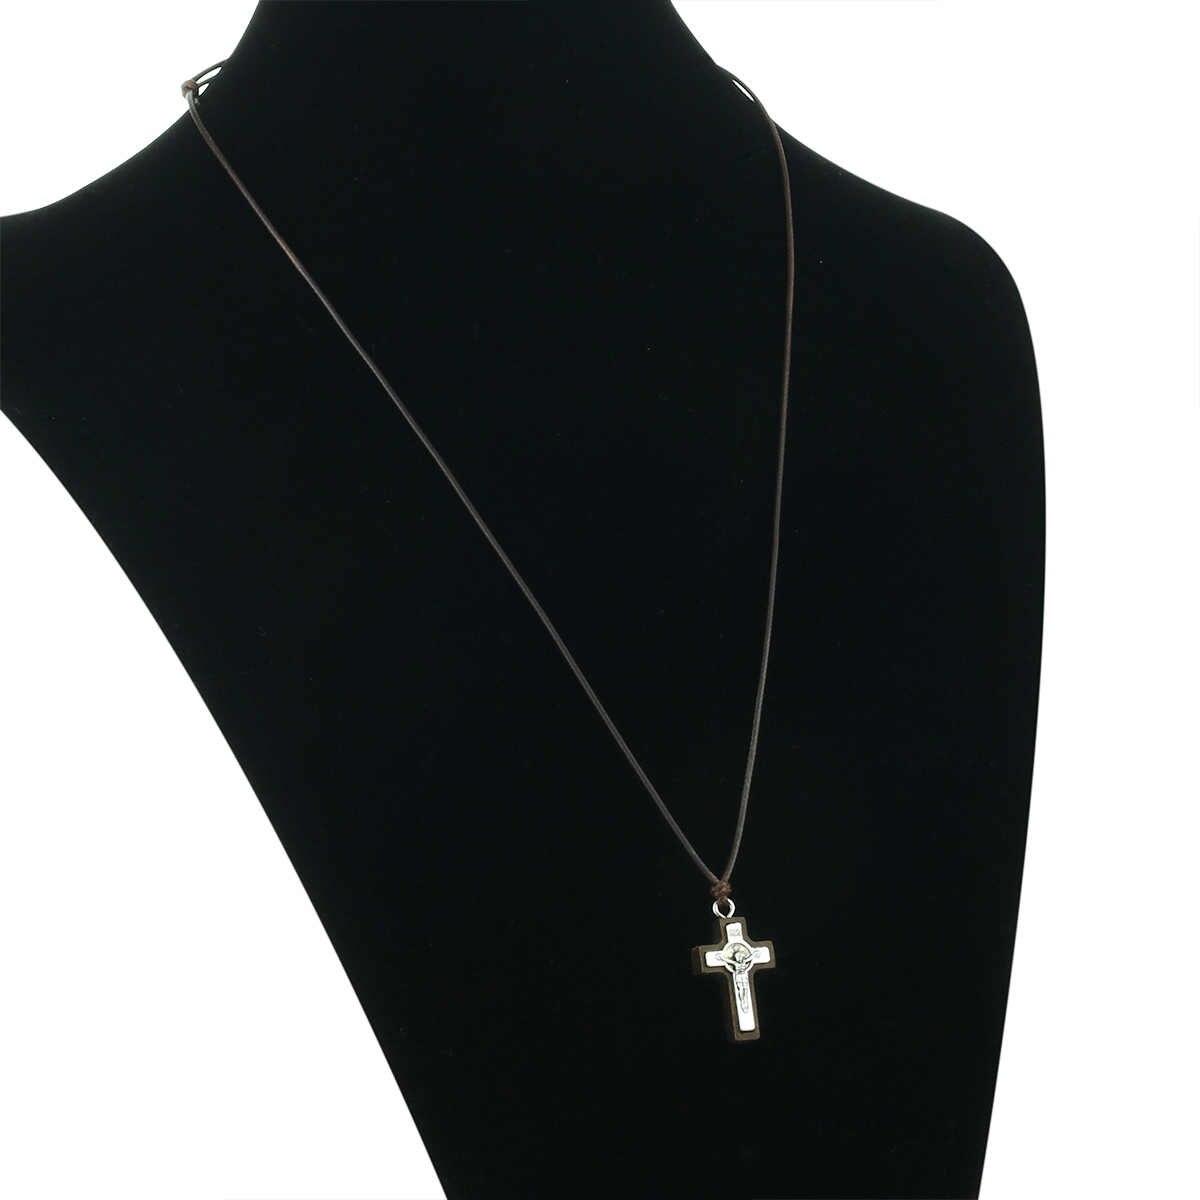 קתולי קטן עץ לטיני צלב צלב תליון שרשרת דתי ישו INRI שרשרת תכשיטי הכנסייה לנשים גברים מתנות MN308